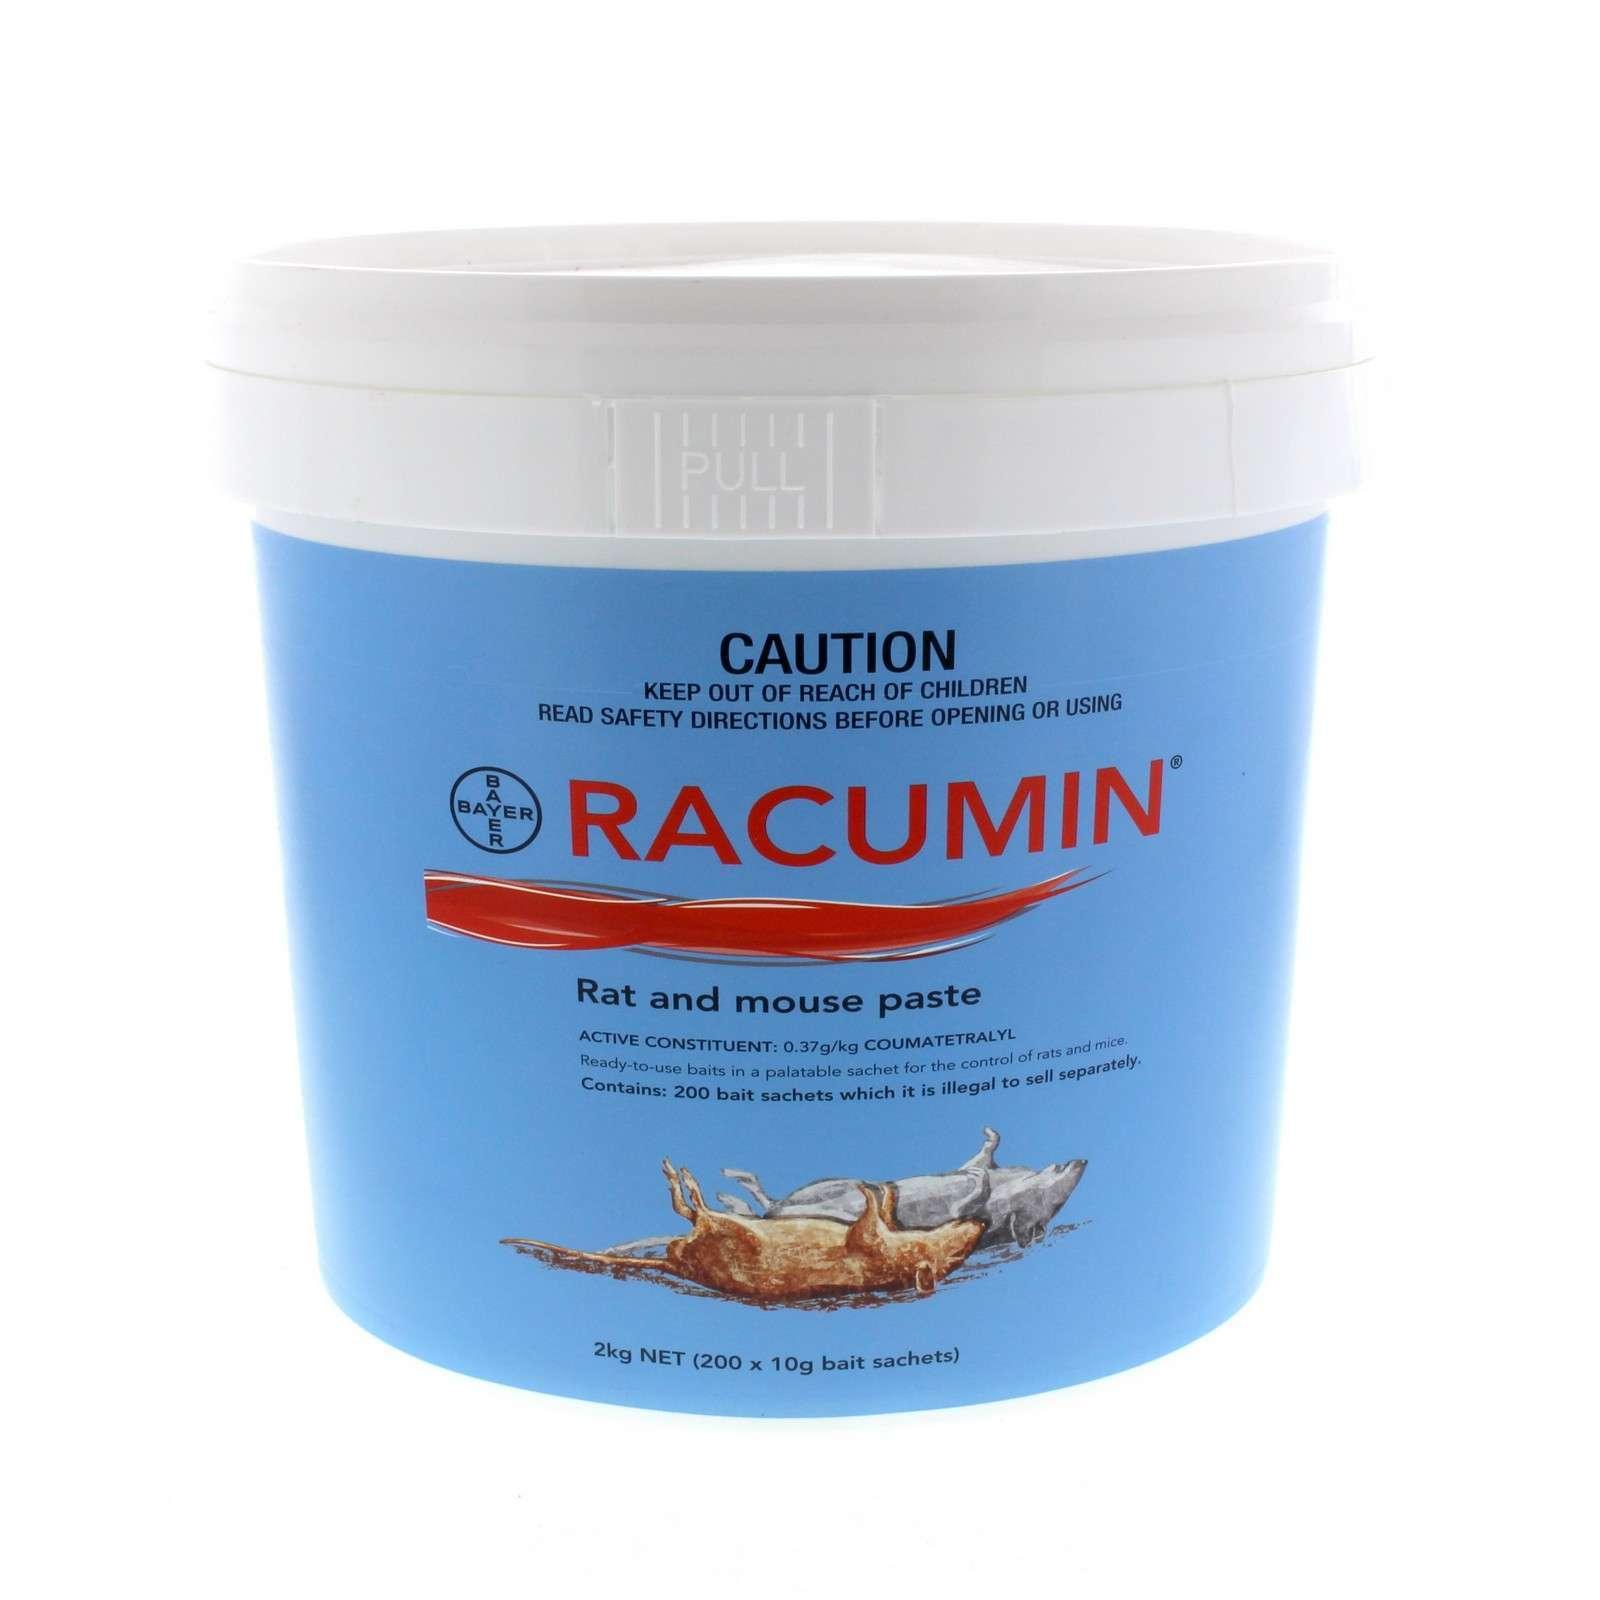 Racumin Rat and Mouse Paste Bait 200 Sachets Coumatetralyl Bayer 2kg